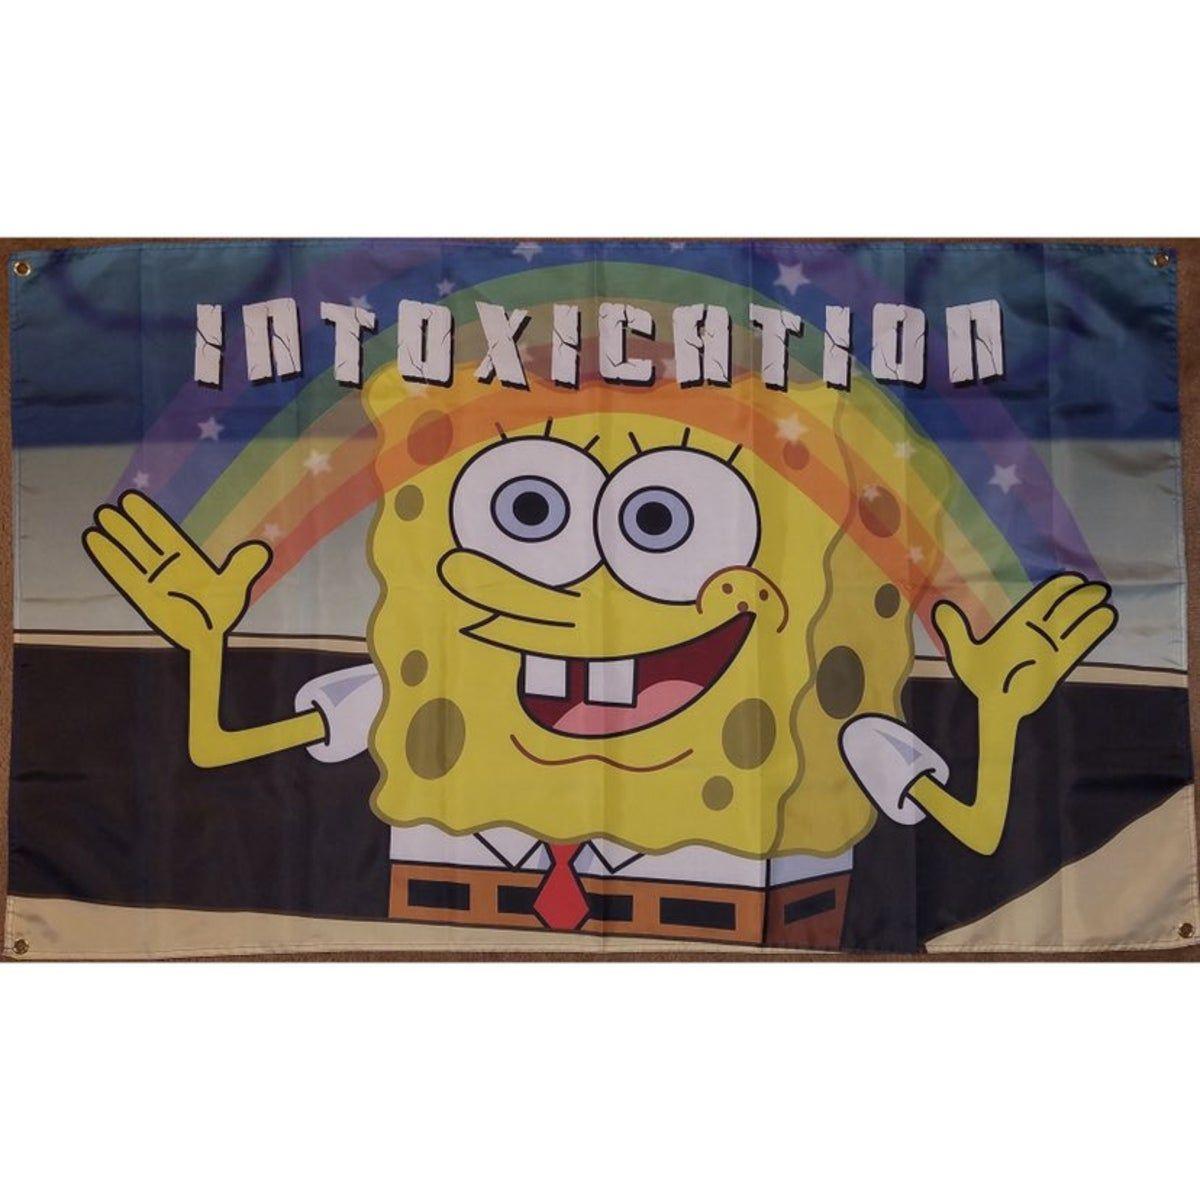 Spongebob Intoxication Rainbow 3x5 Feet Beer pong table